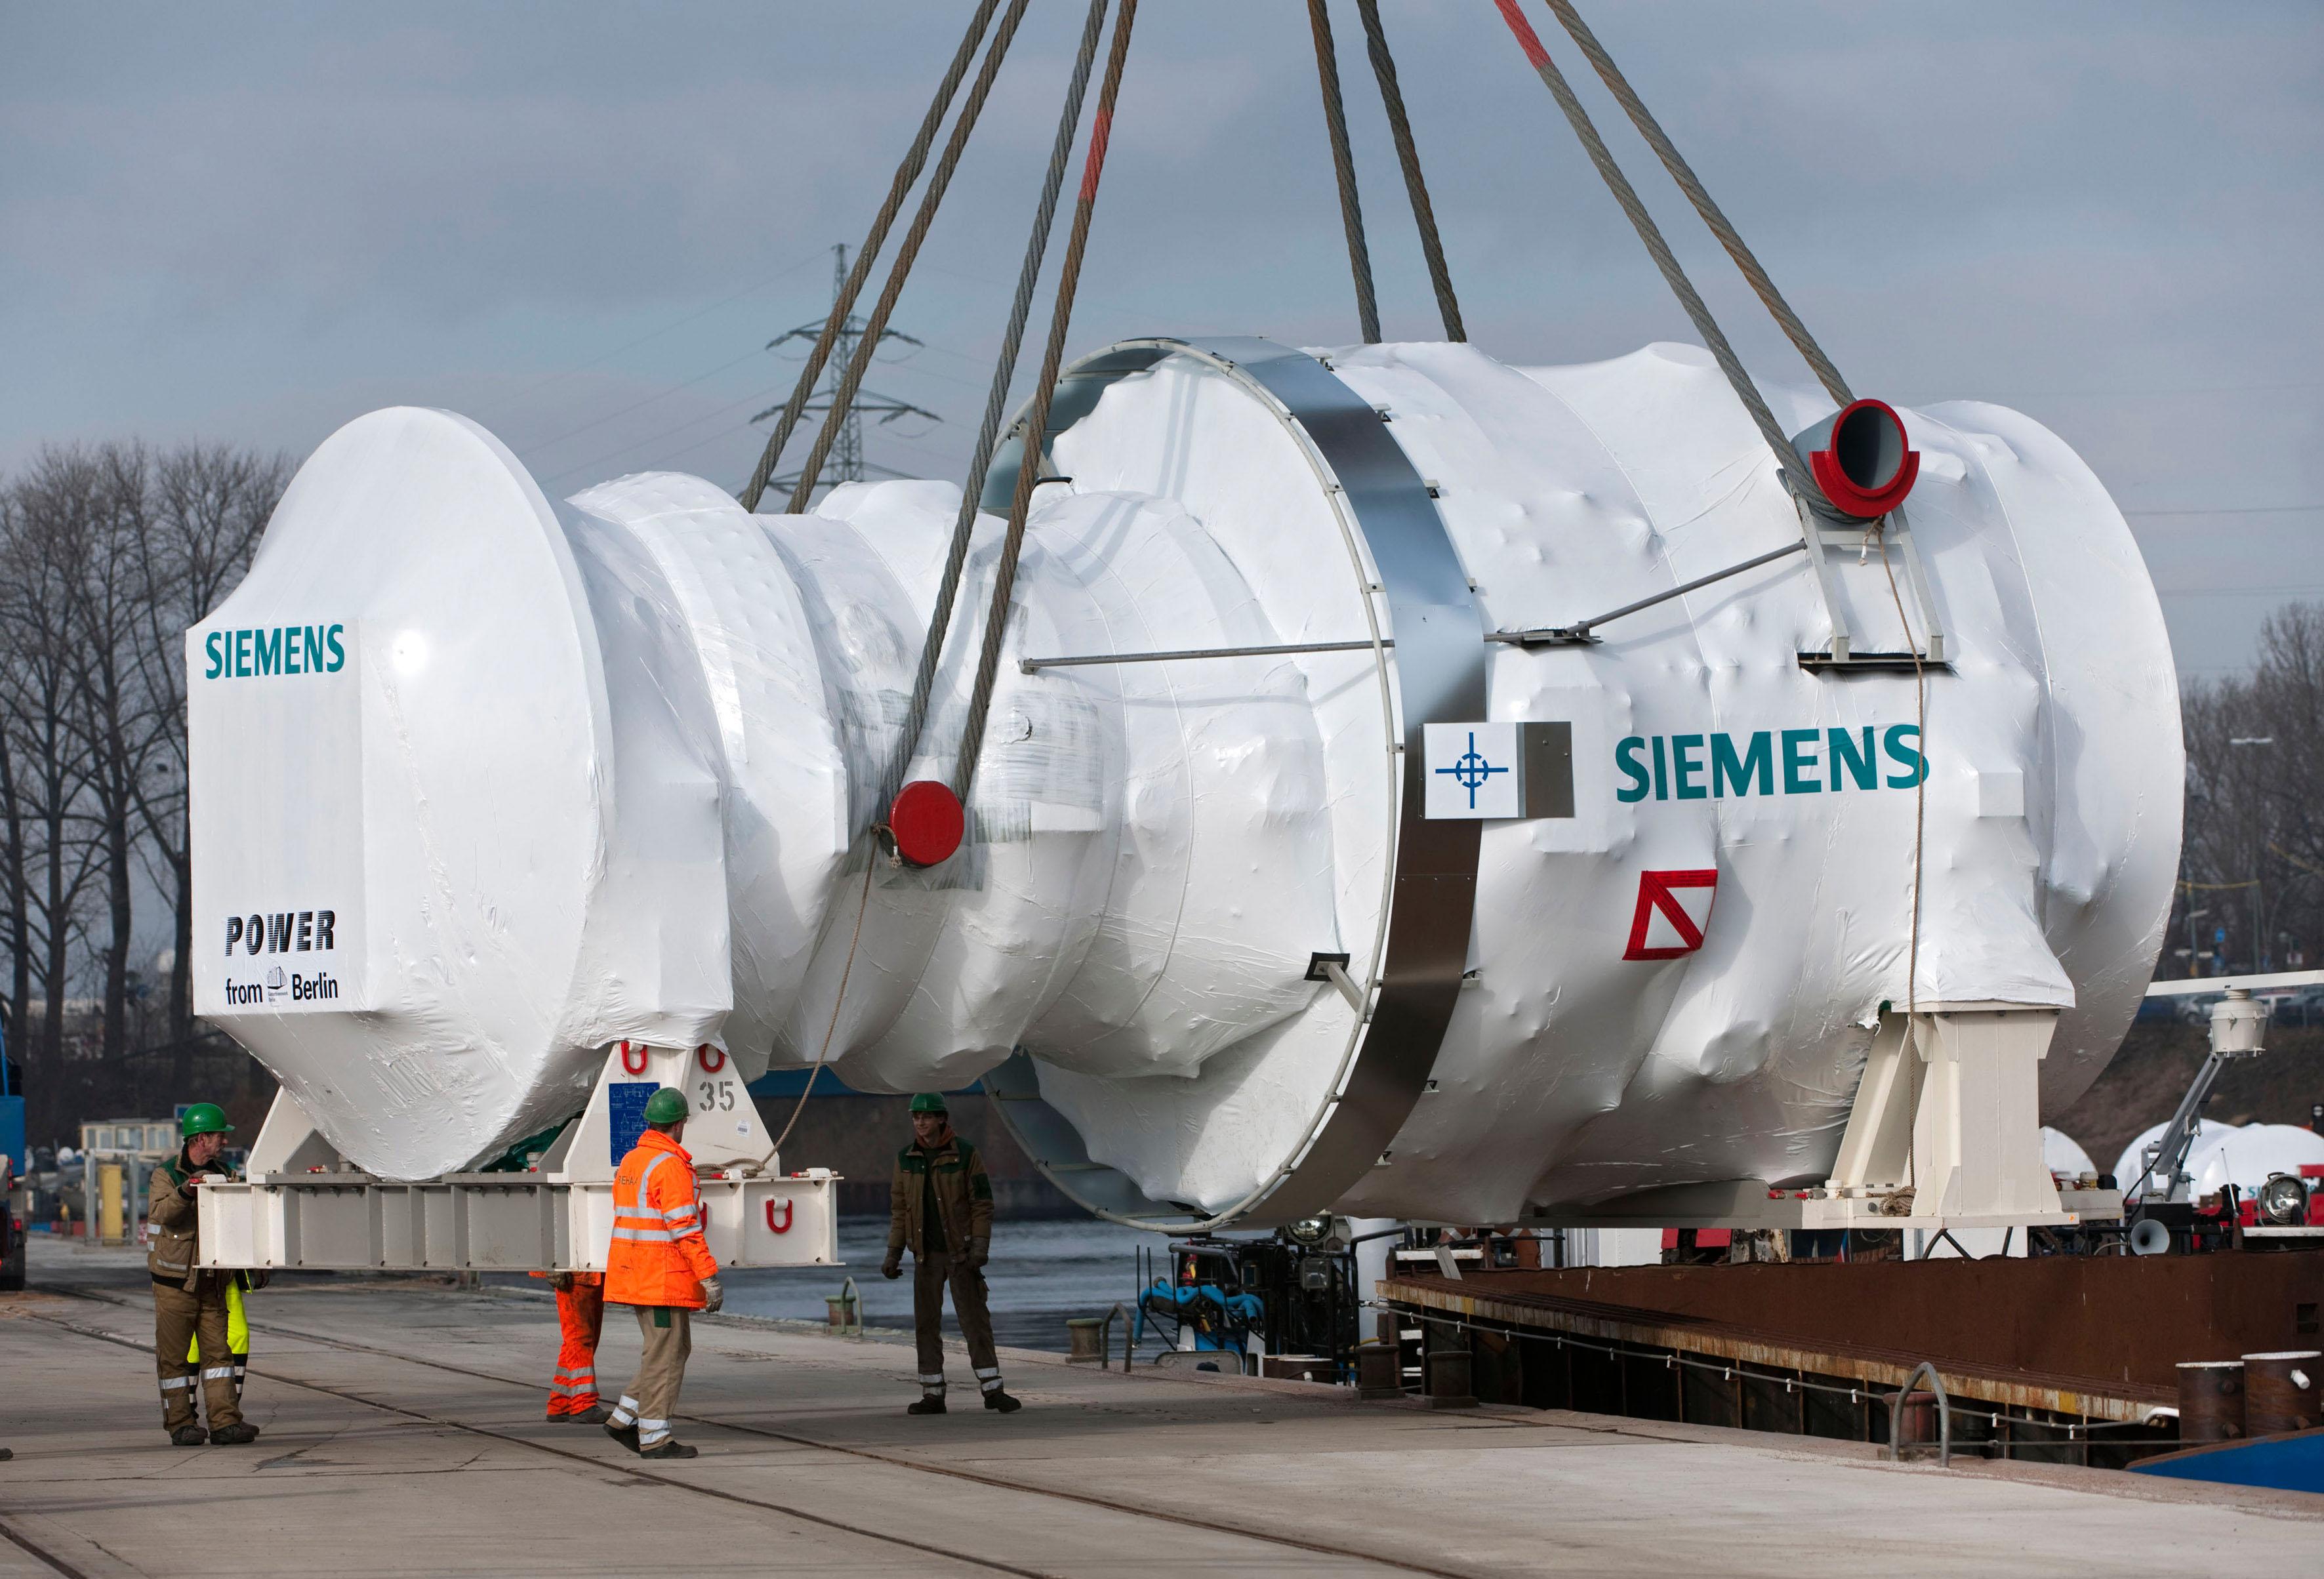 Еще один Siemens? Как друзья Украины спонсируют террористов на Донбассе